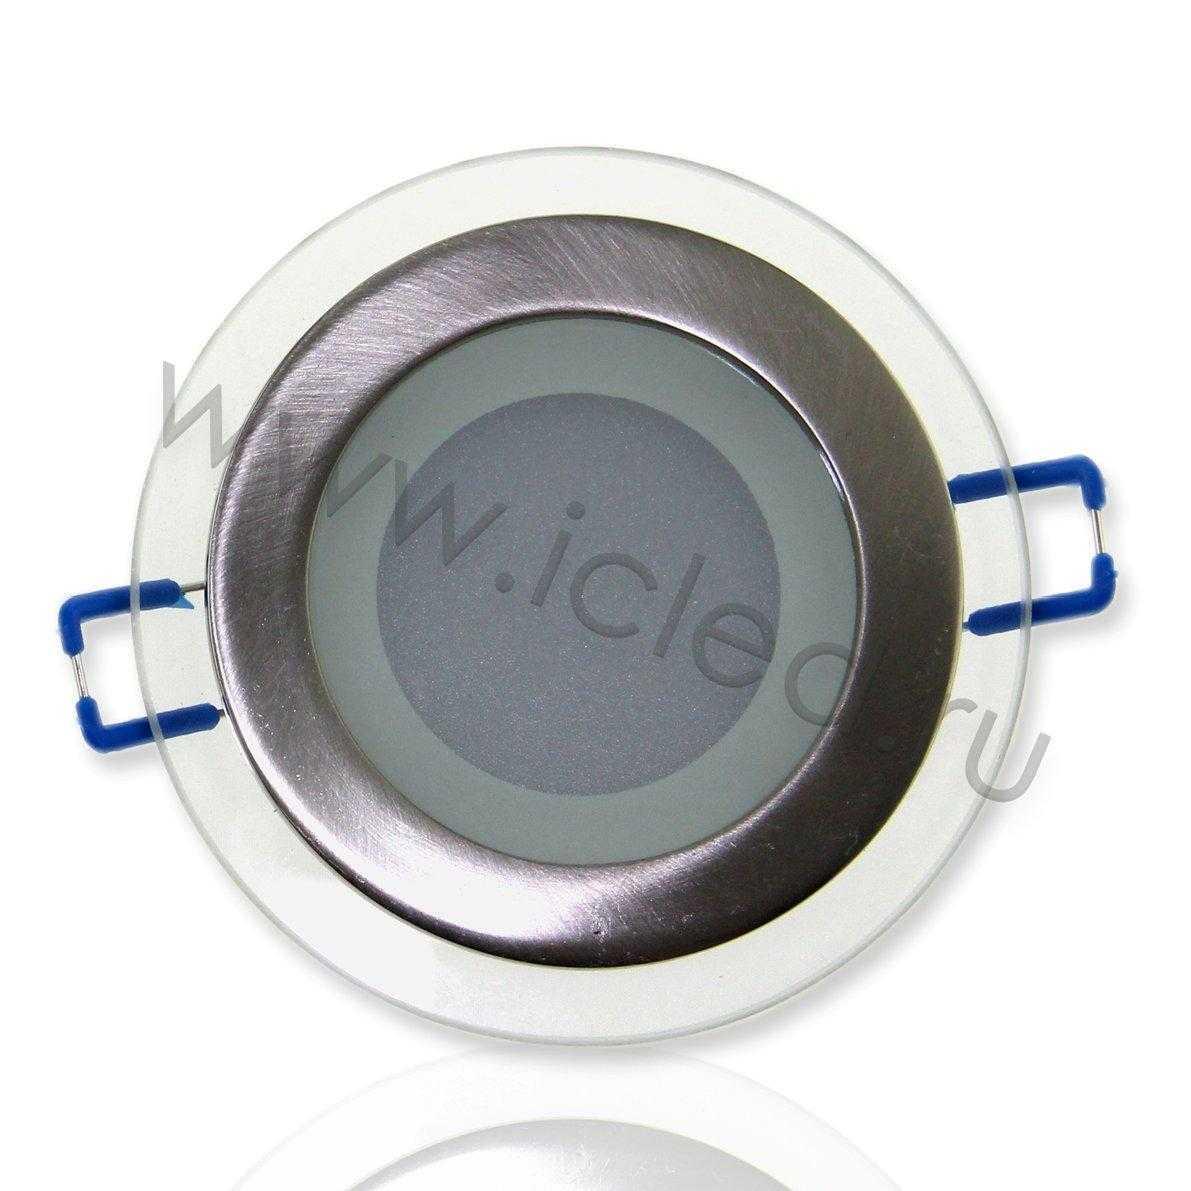 Светодиодный светильник потолочный IC-RS D100 (6W, Warm White)